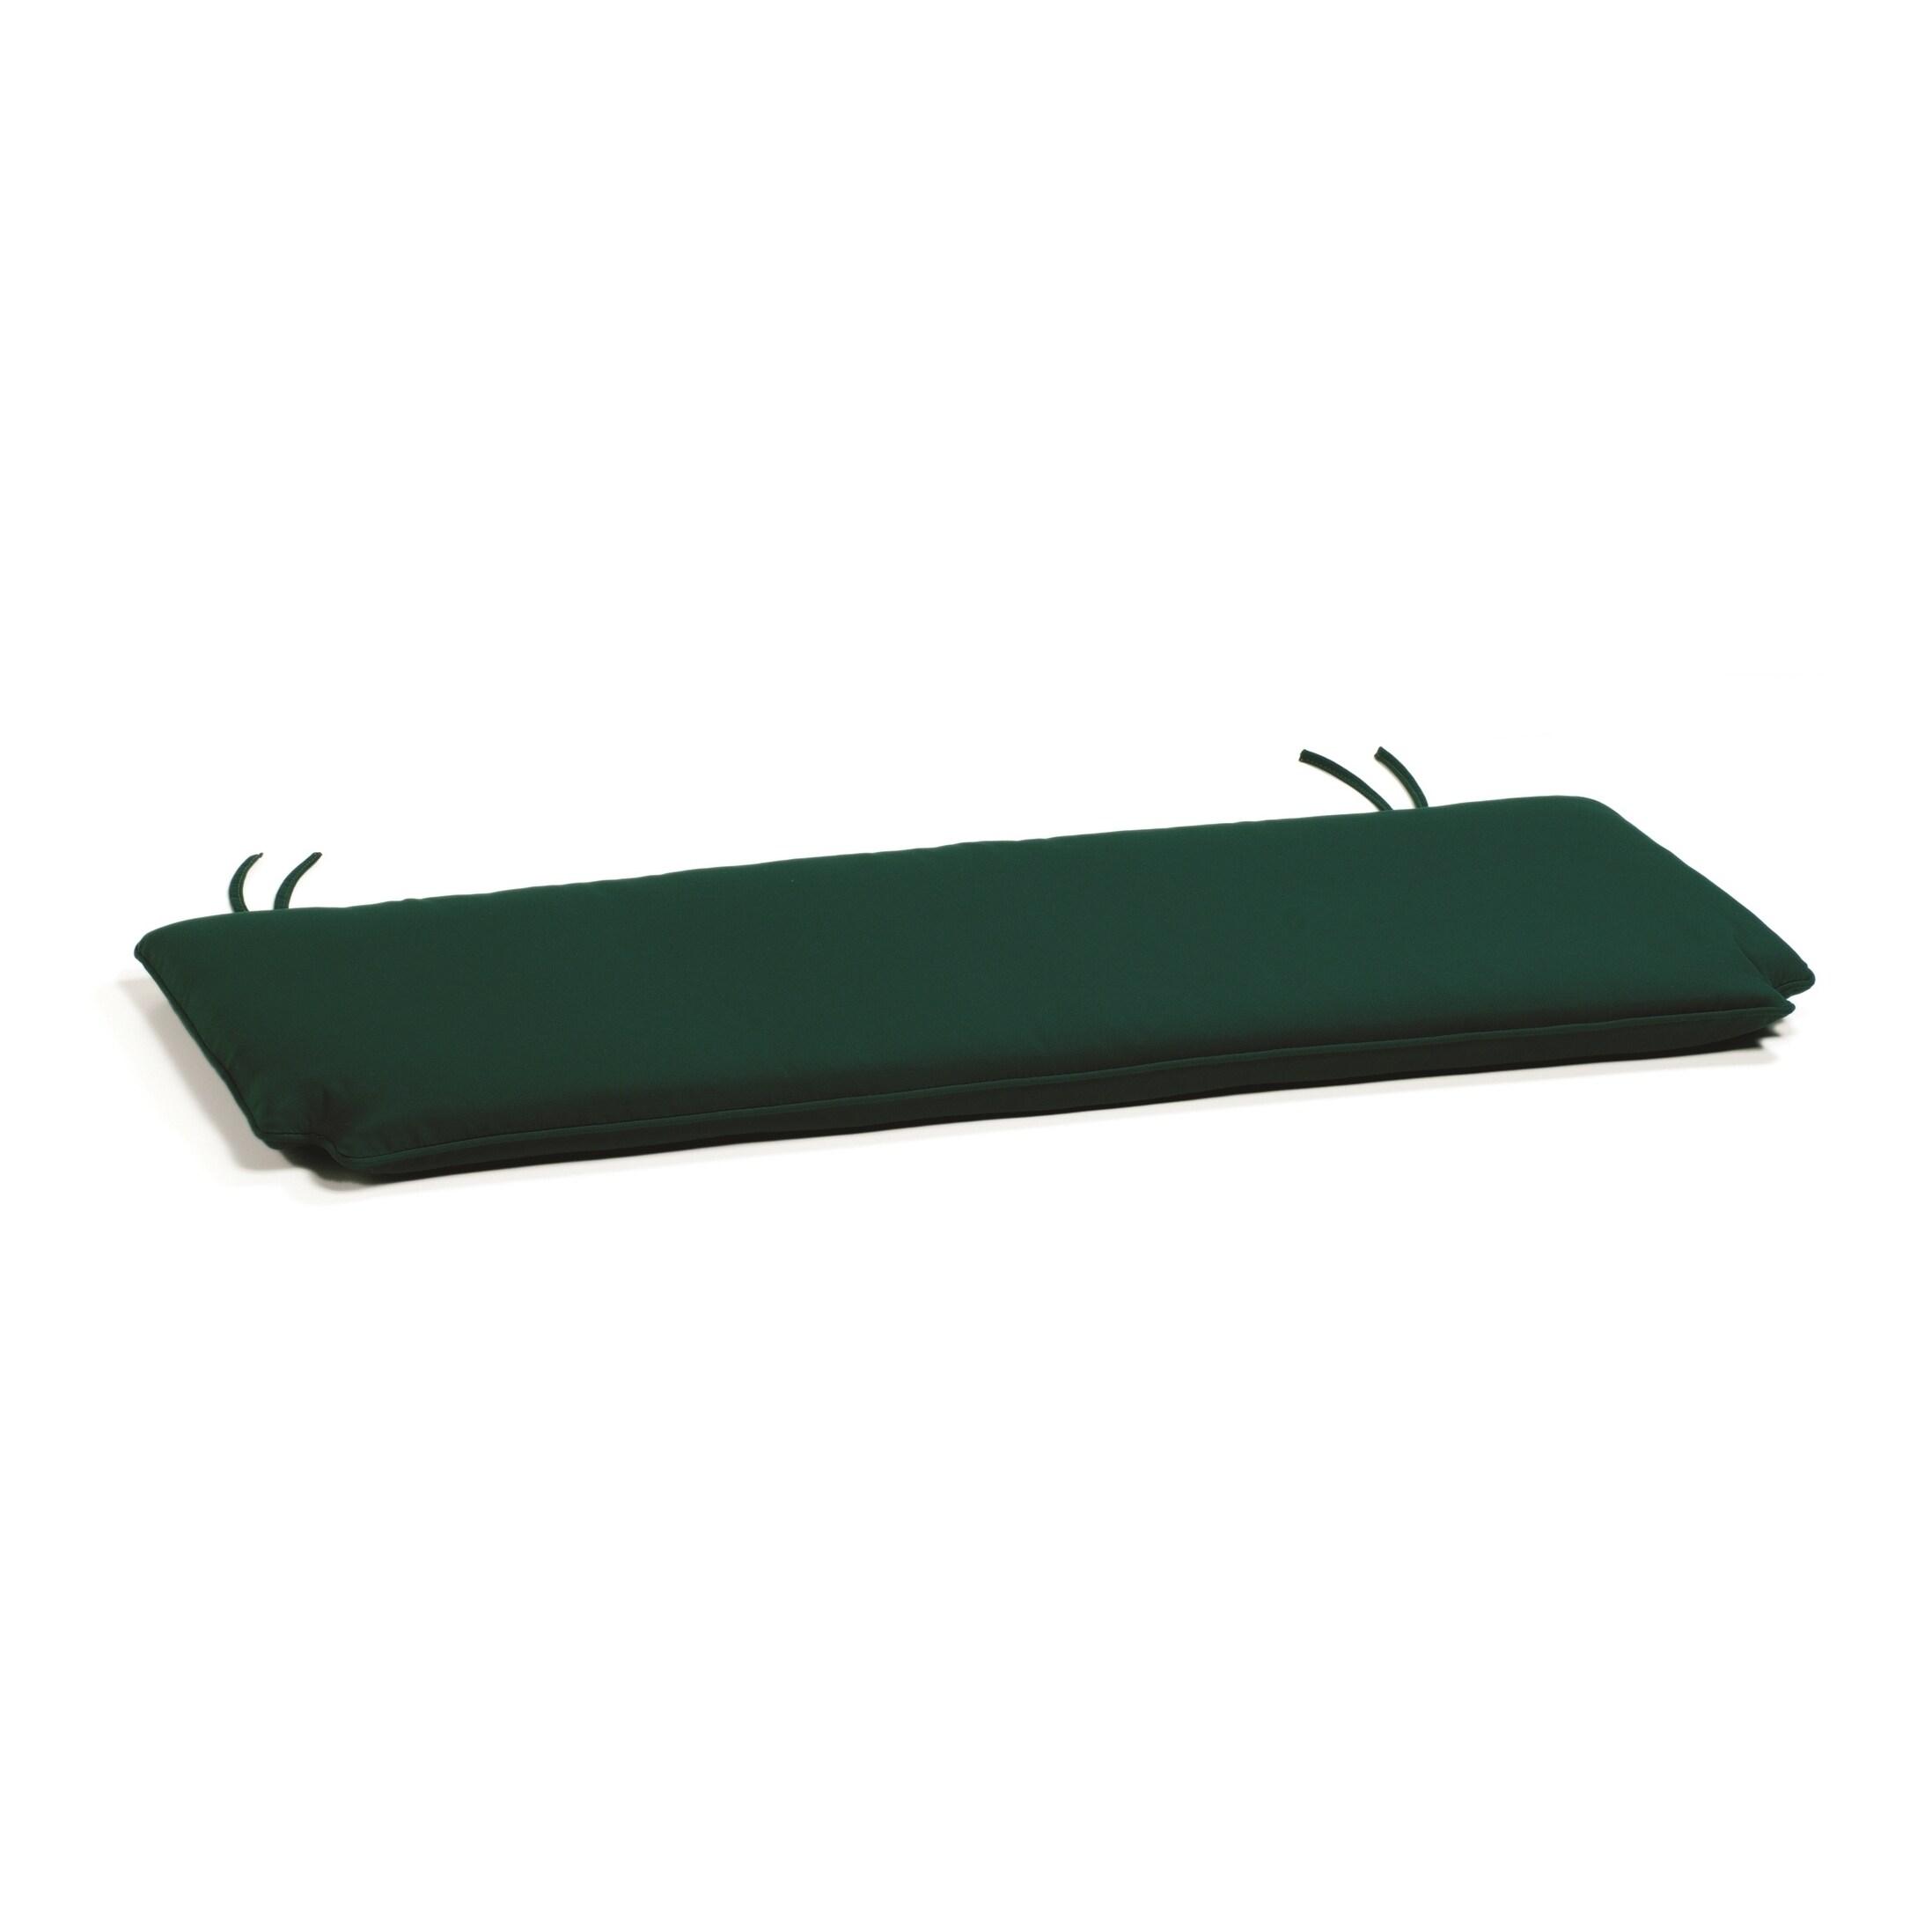 Oxford Garden Sunbrella Cushion for 48-inch Bench